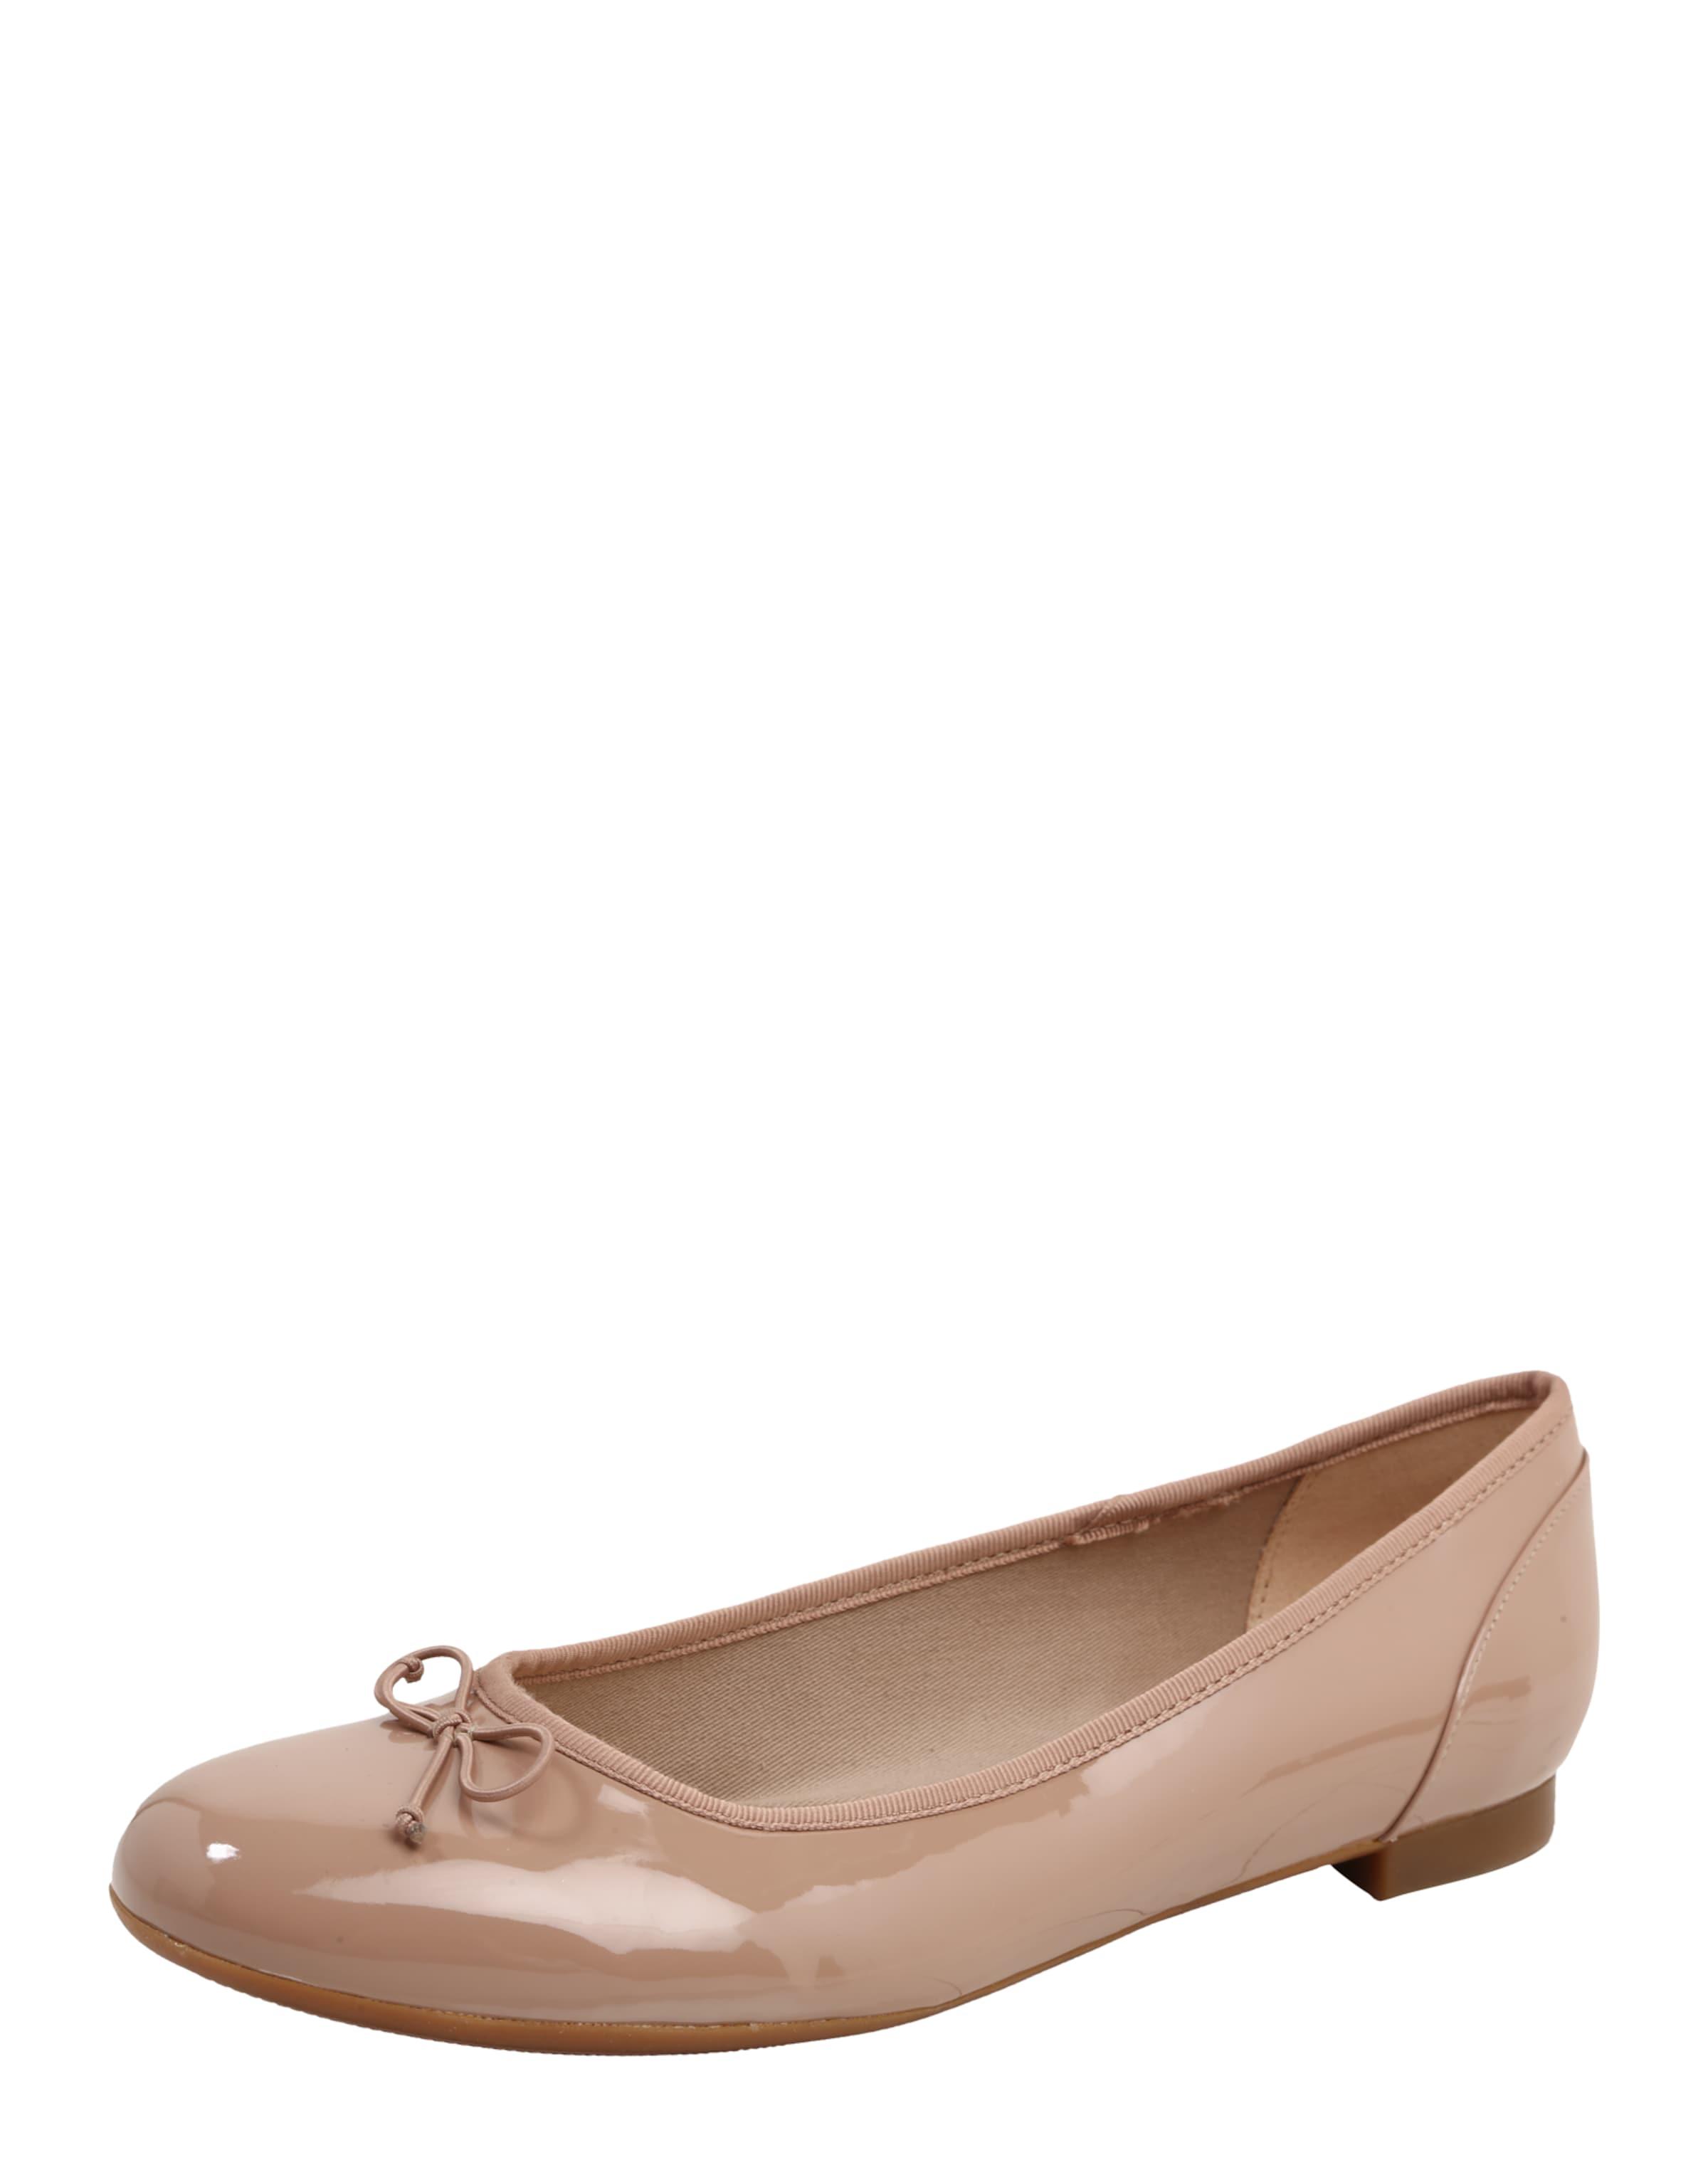 CLARKS Ballerina 'Couture bloom' mit Schleife Wählen Sie Eine Beste Online Heißen Verkauf Günstig Online Verkauf Perfekt Niedriger Versandverkauf Online dER6MK